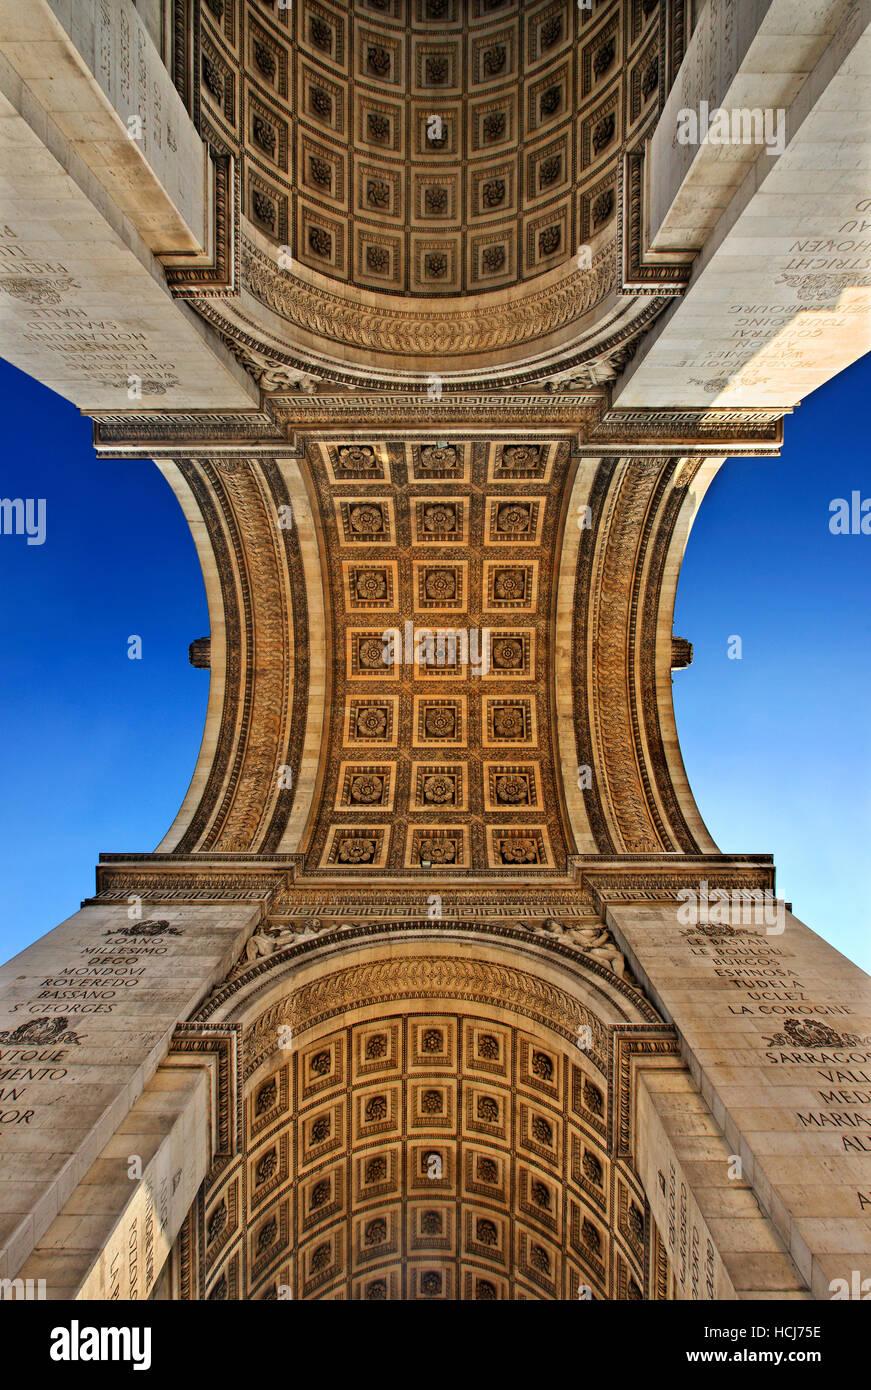 Sous l'Arc de Triomphe (Arch of Triumph), Paris, France. Photo Stock